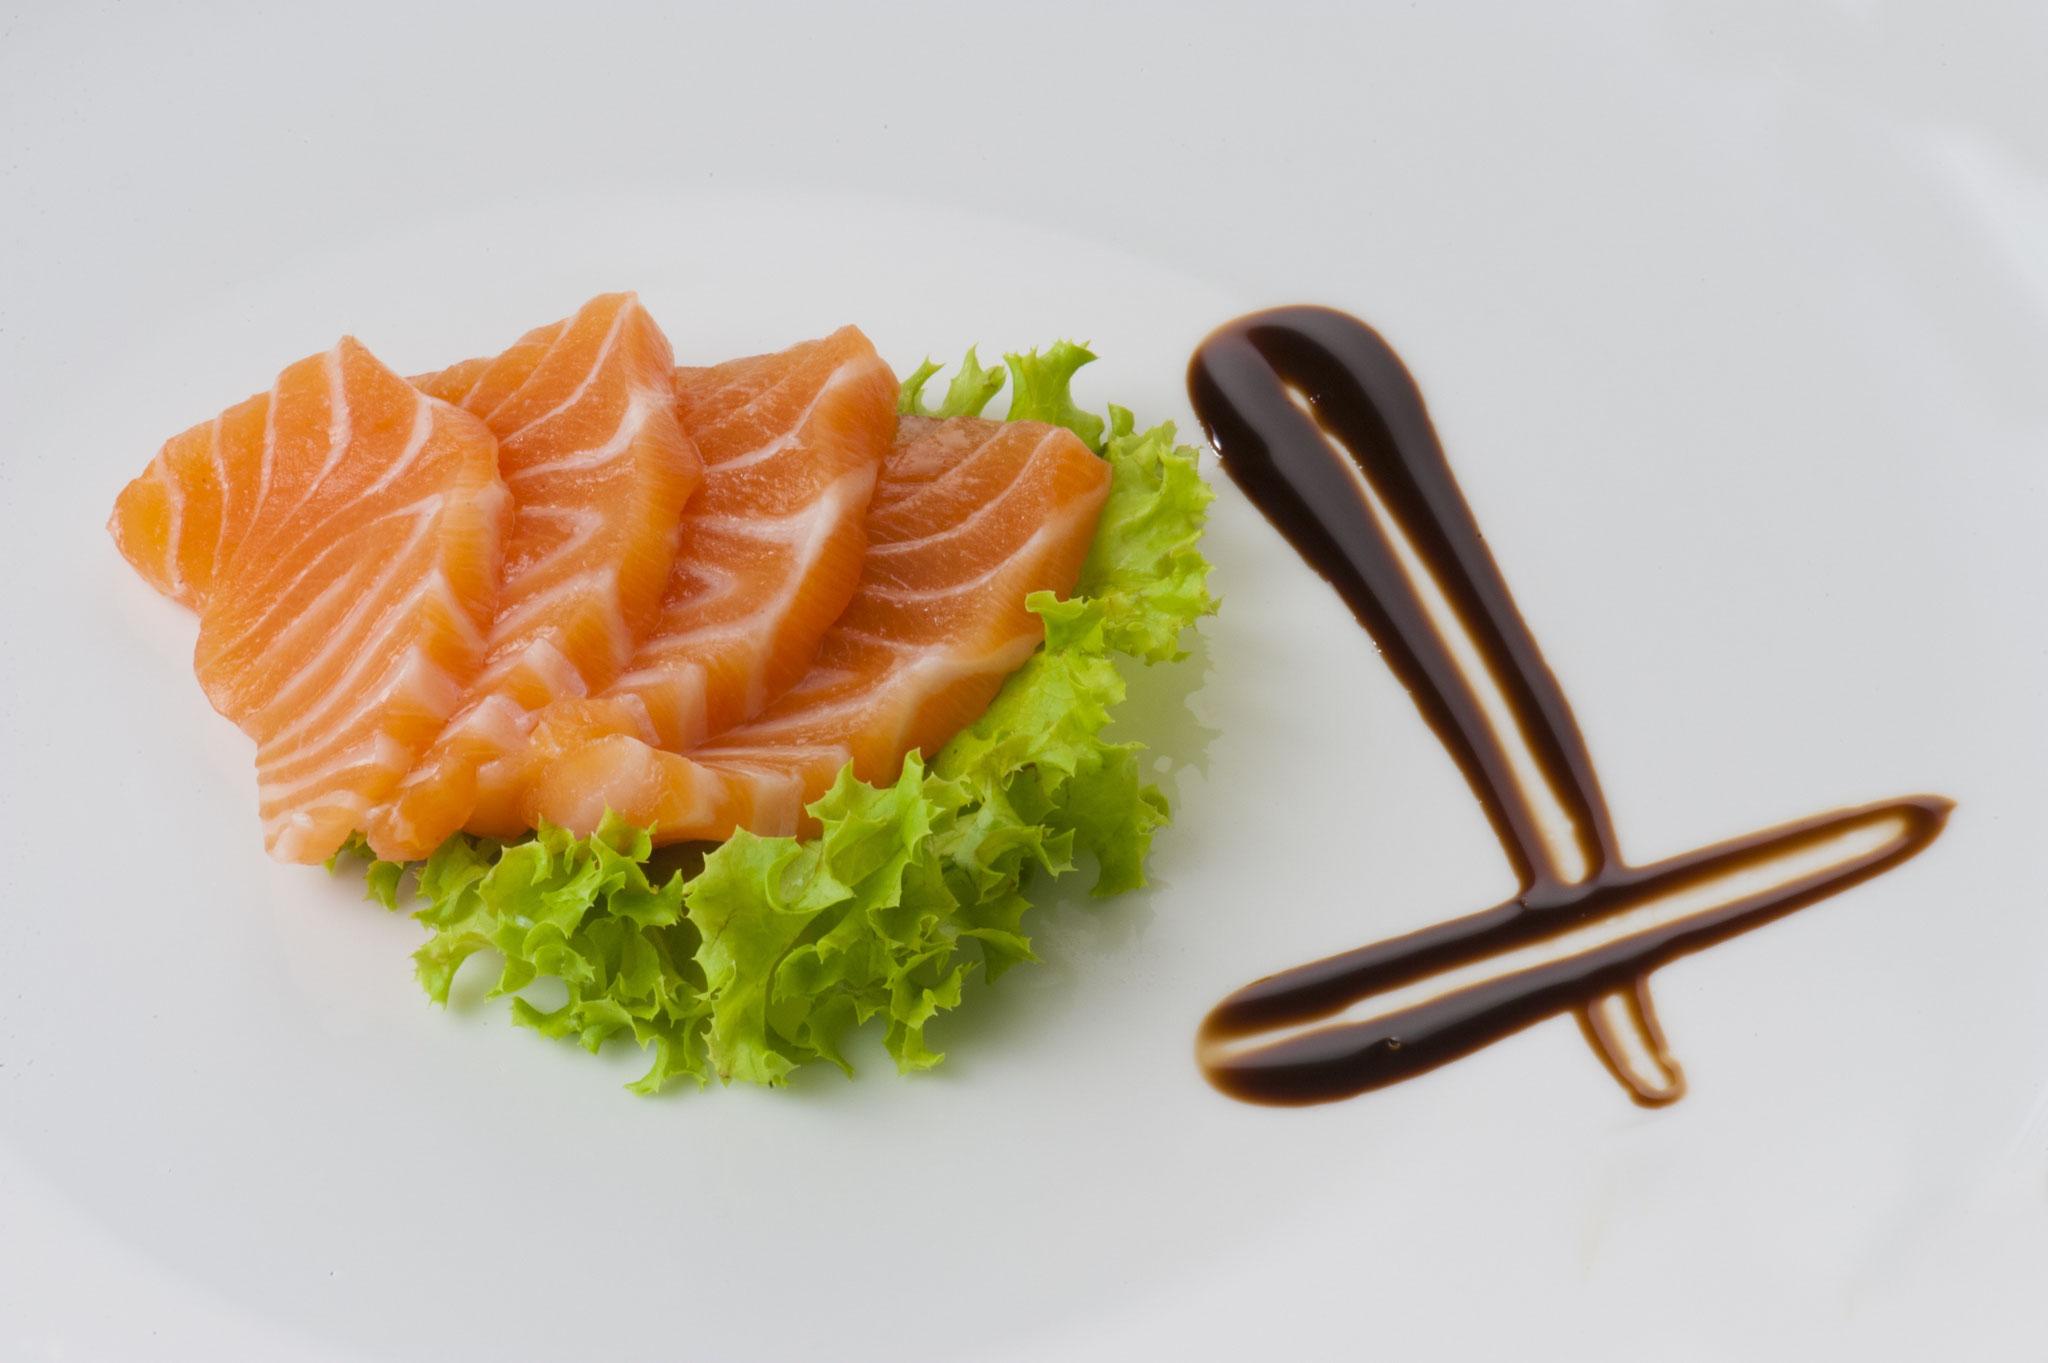 Thermogenisches Essen: Fisch, Hühnchen und Hafer verbrennen schon bei der Verstoffwechselung Kalorien!